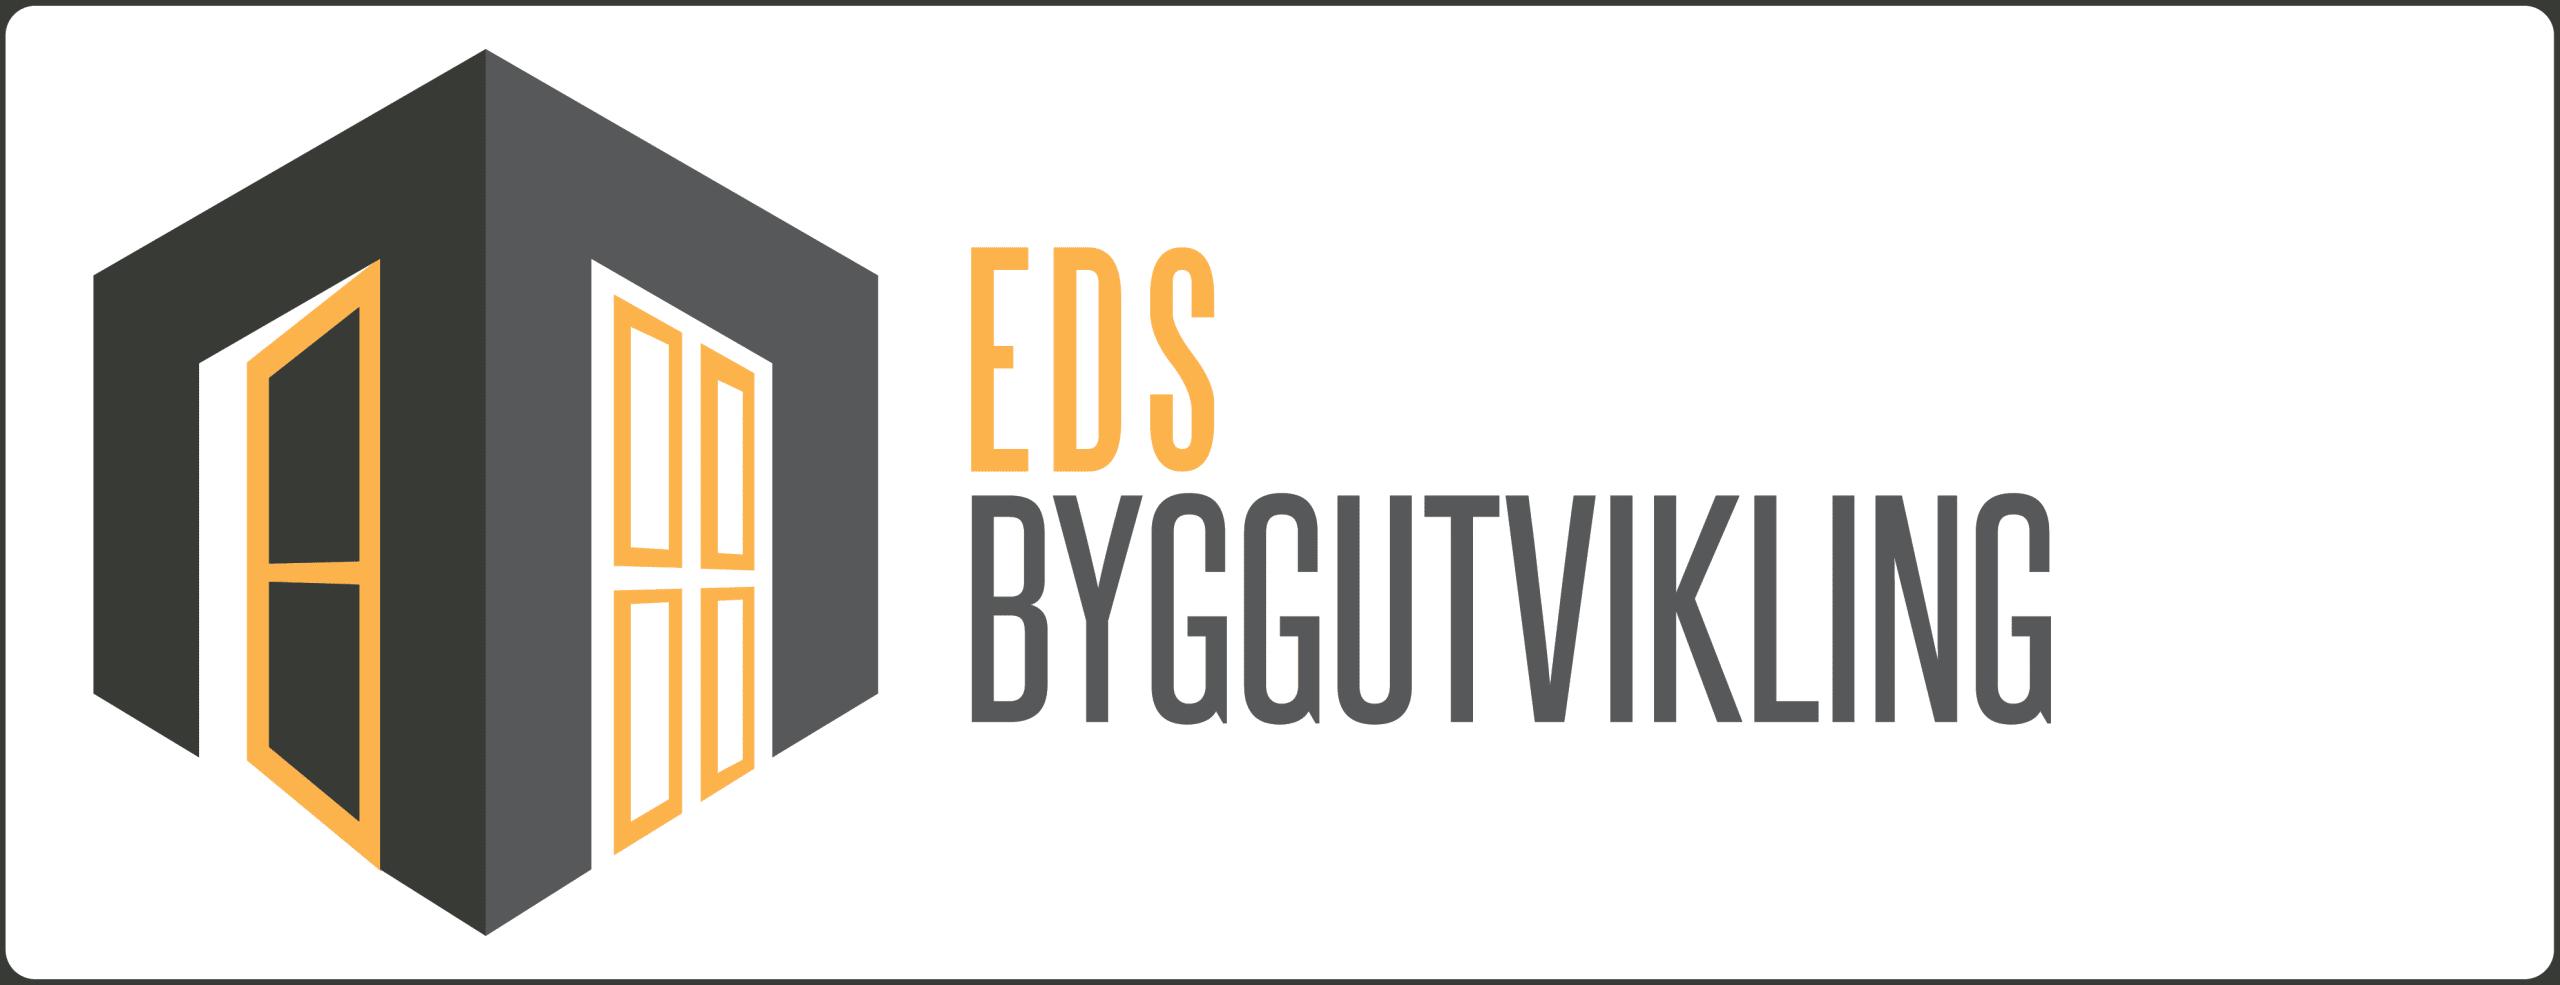 EDS Byggutvikling